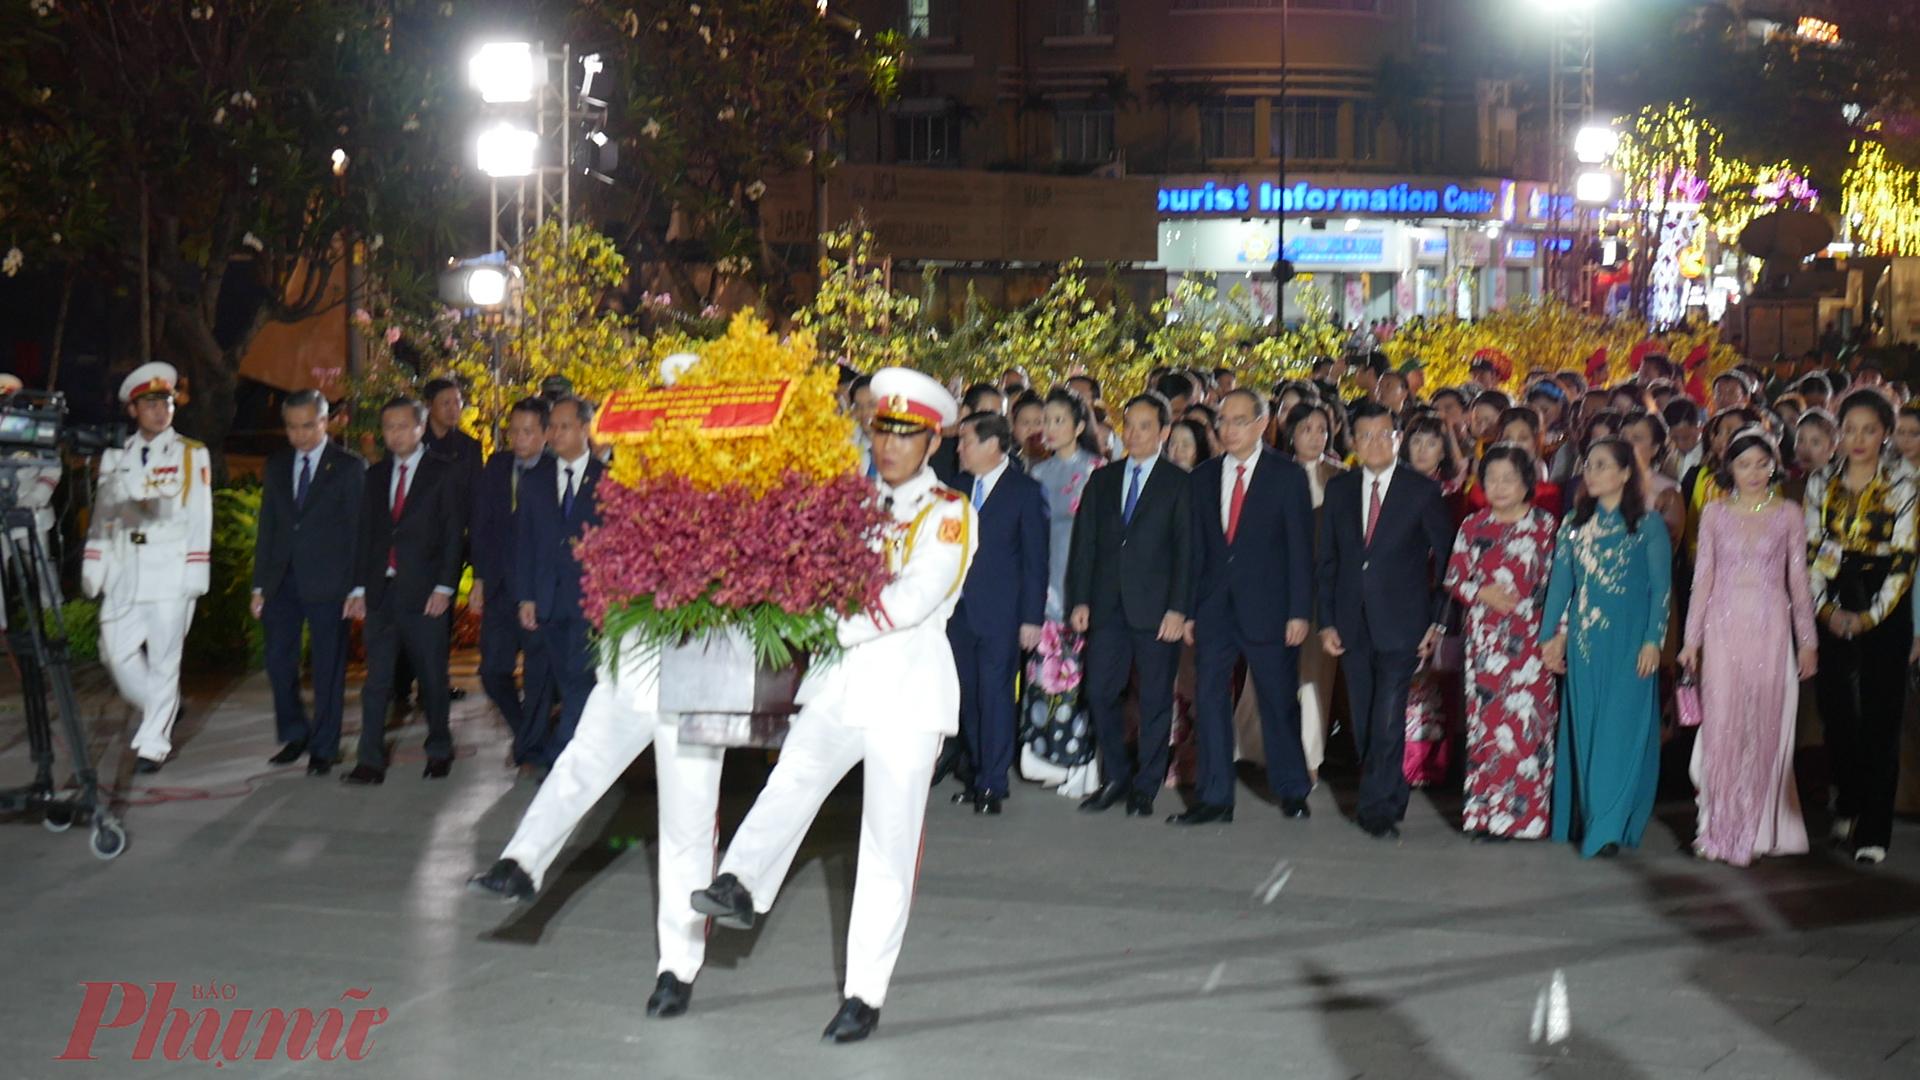 rước giờ mở cửa, đoàn lãnh đạo và đại biểu trung ương, thành phố do Bí thư Thành ủy TPHCM Nguyễn Thiện Nhân dẫn đoàn đã đến dâng hoa Chủ tịch Hồ Chí Minh